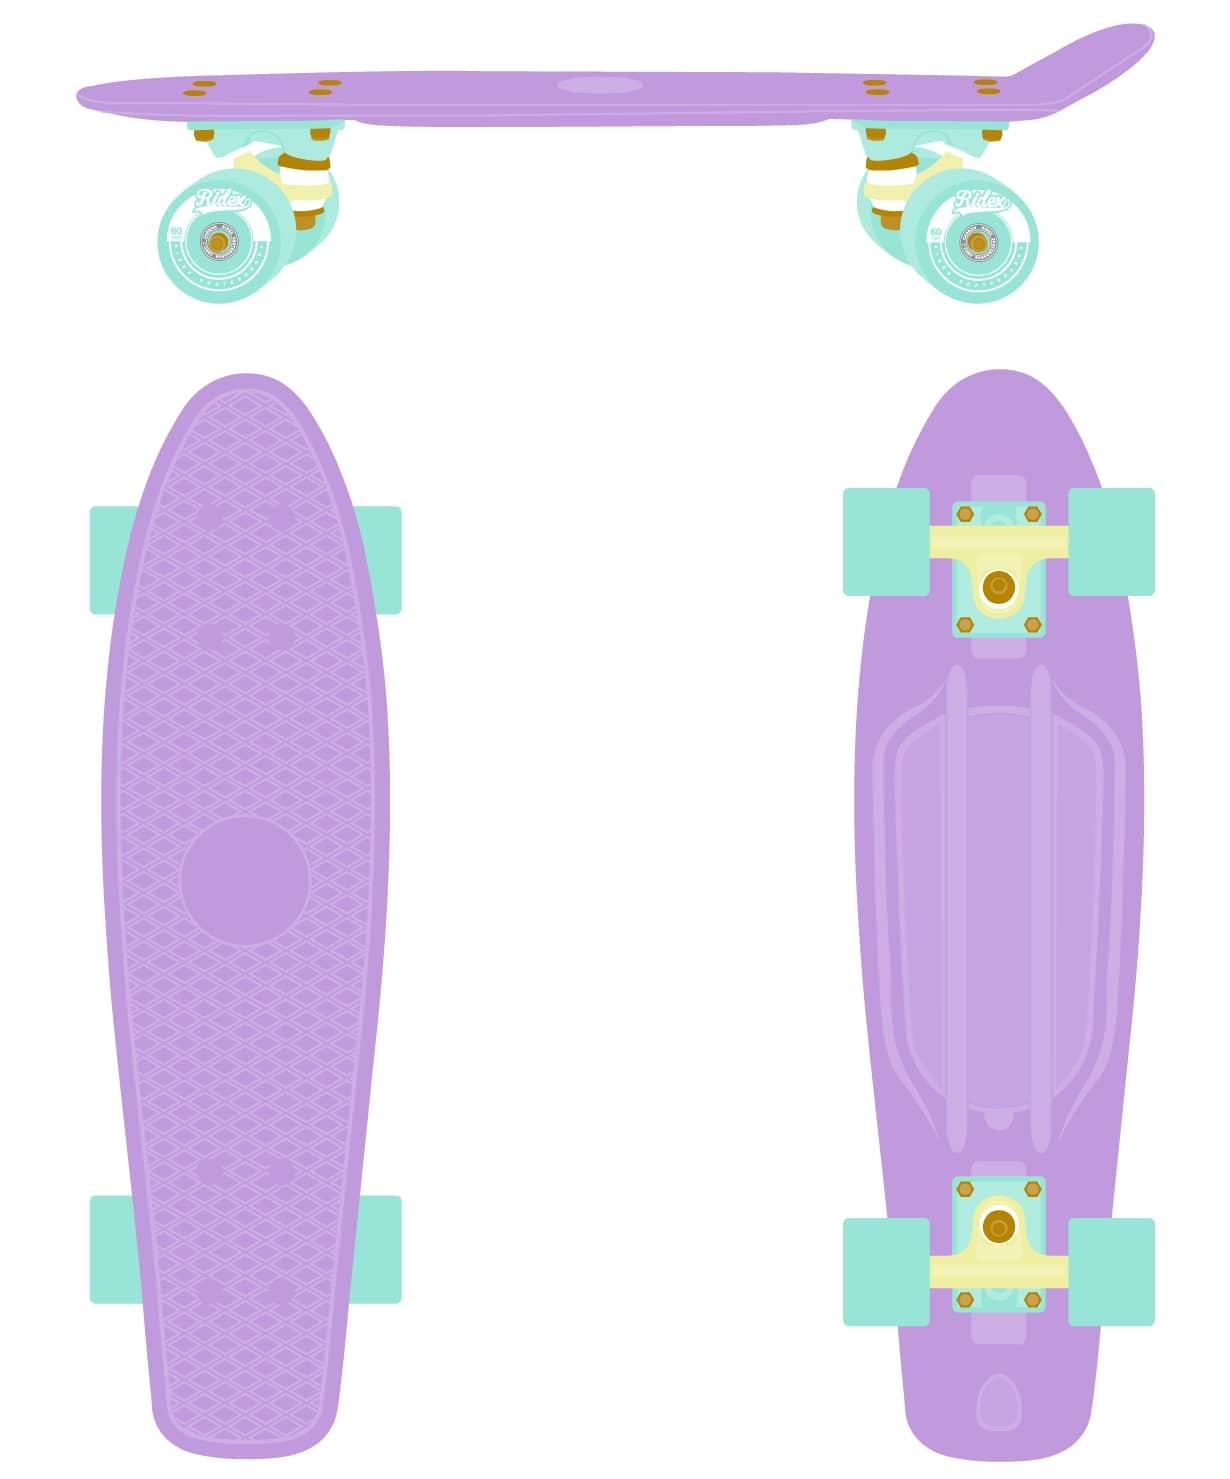 Круизер пластиковый Violet 27''x8''